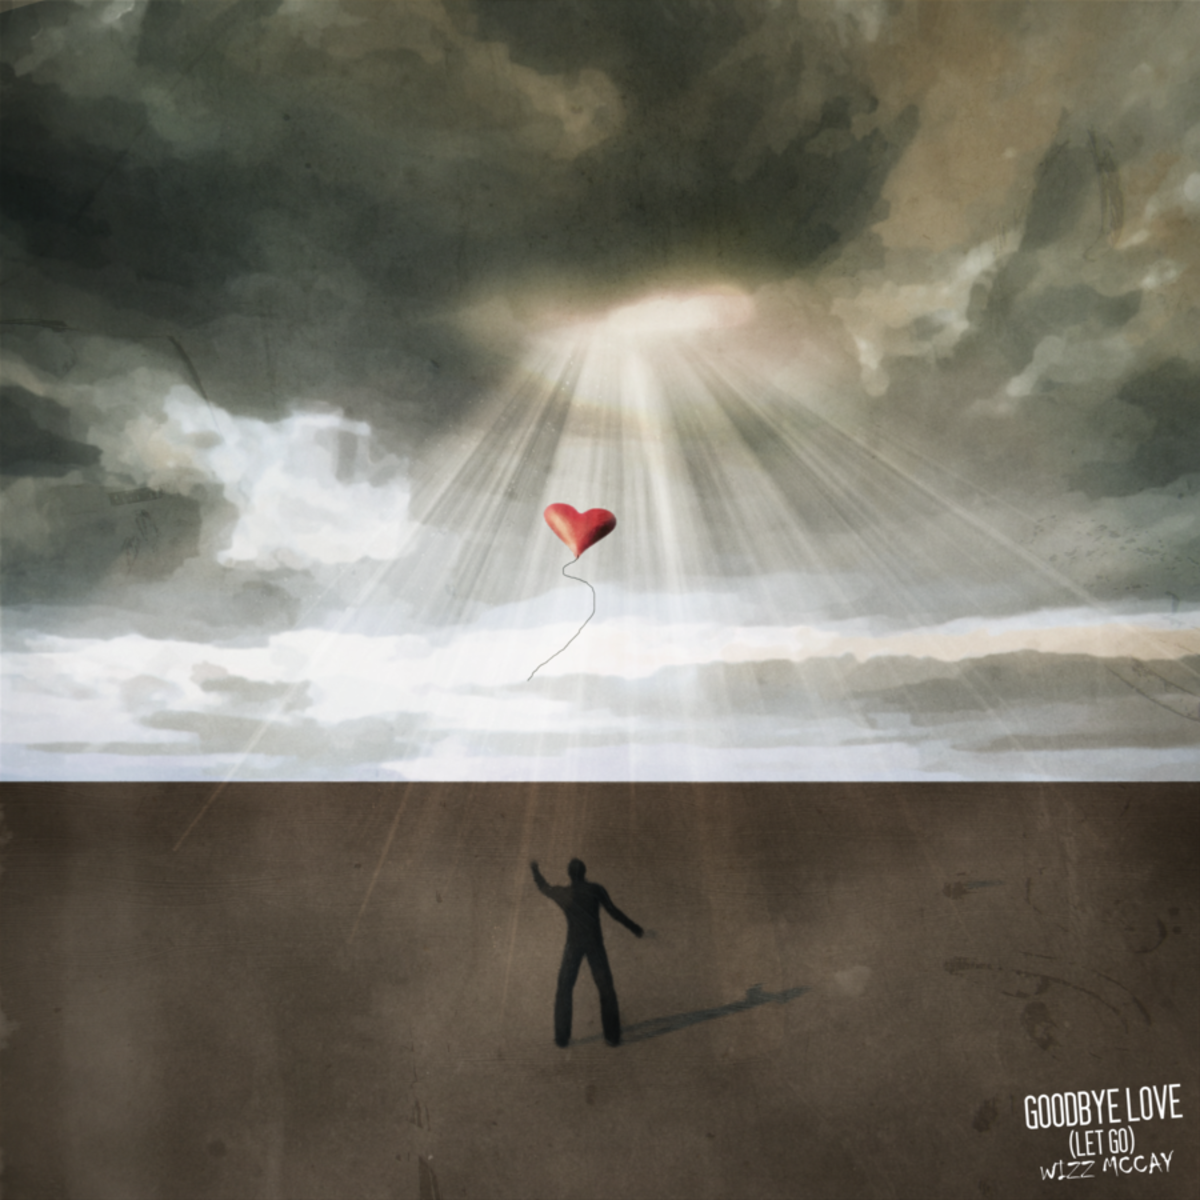 gone-when-love-takes-flight